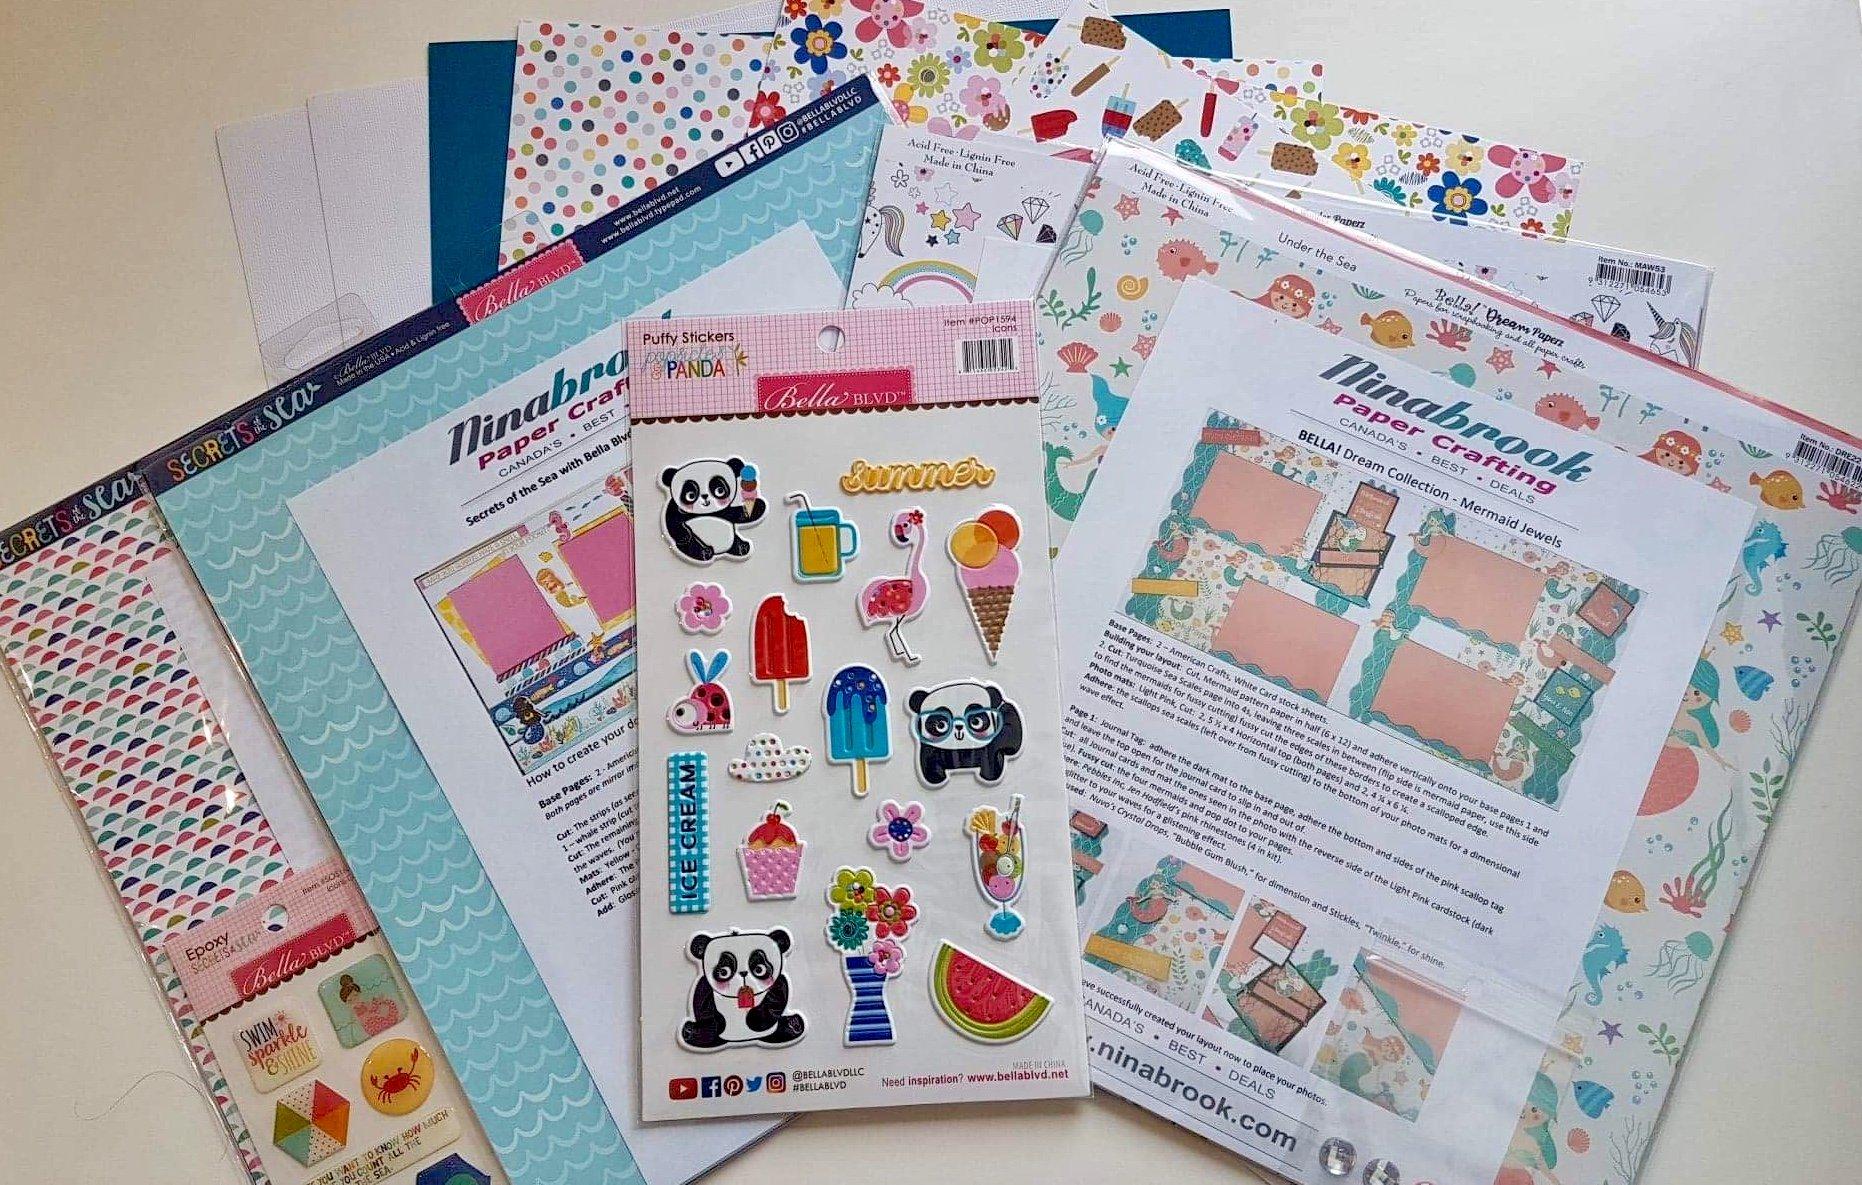 Scrappin' Bag - Ninabrook's Summer Kit Variety